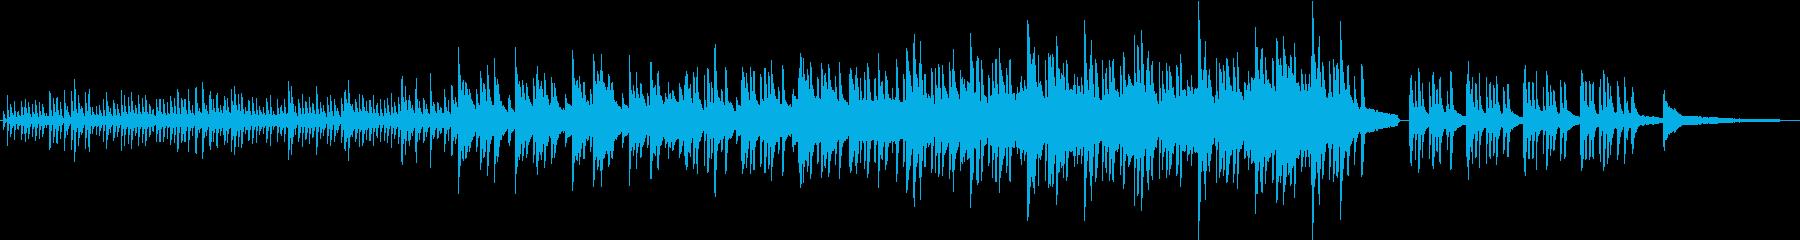 儚くも美しいピアノによるソロバラードの再生済みの波形